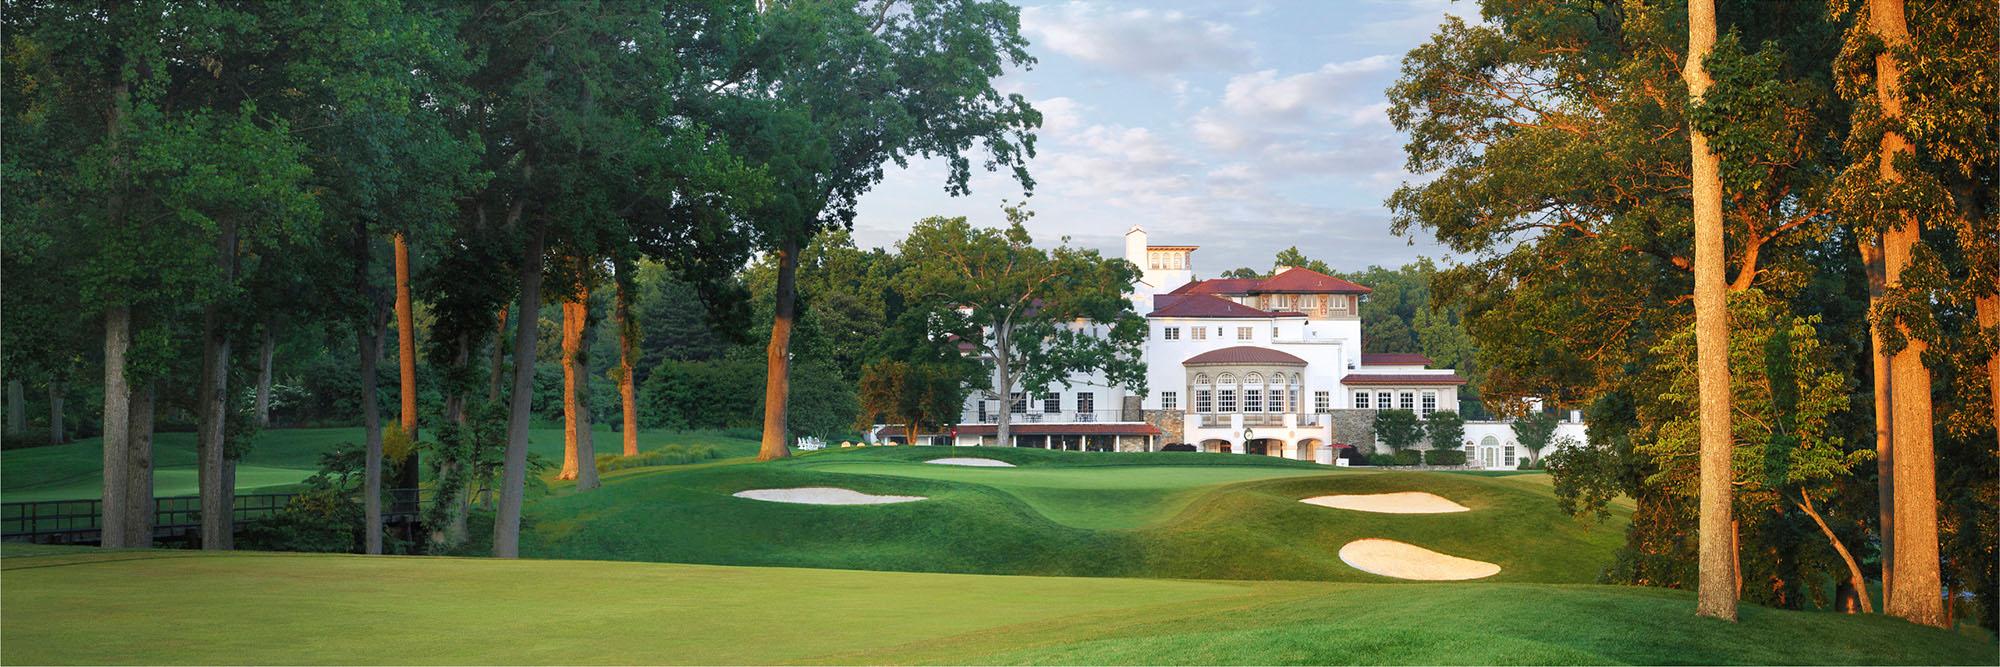 Golf Course Image - Congressional Blue No. 9